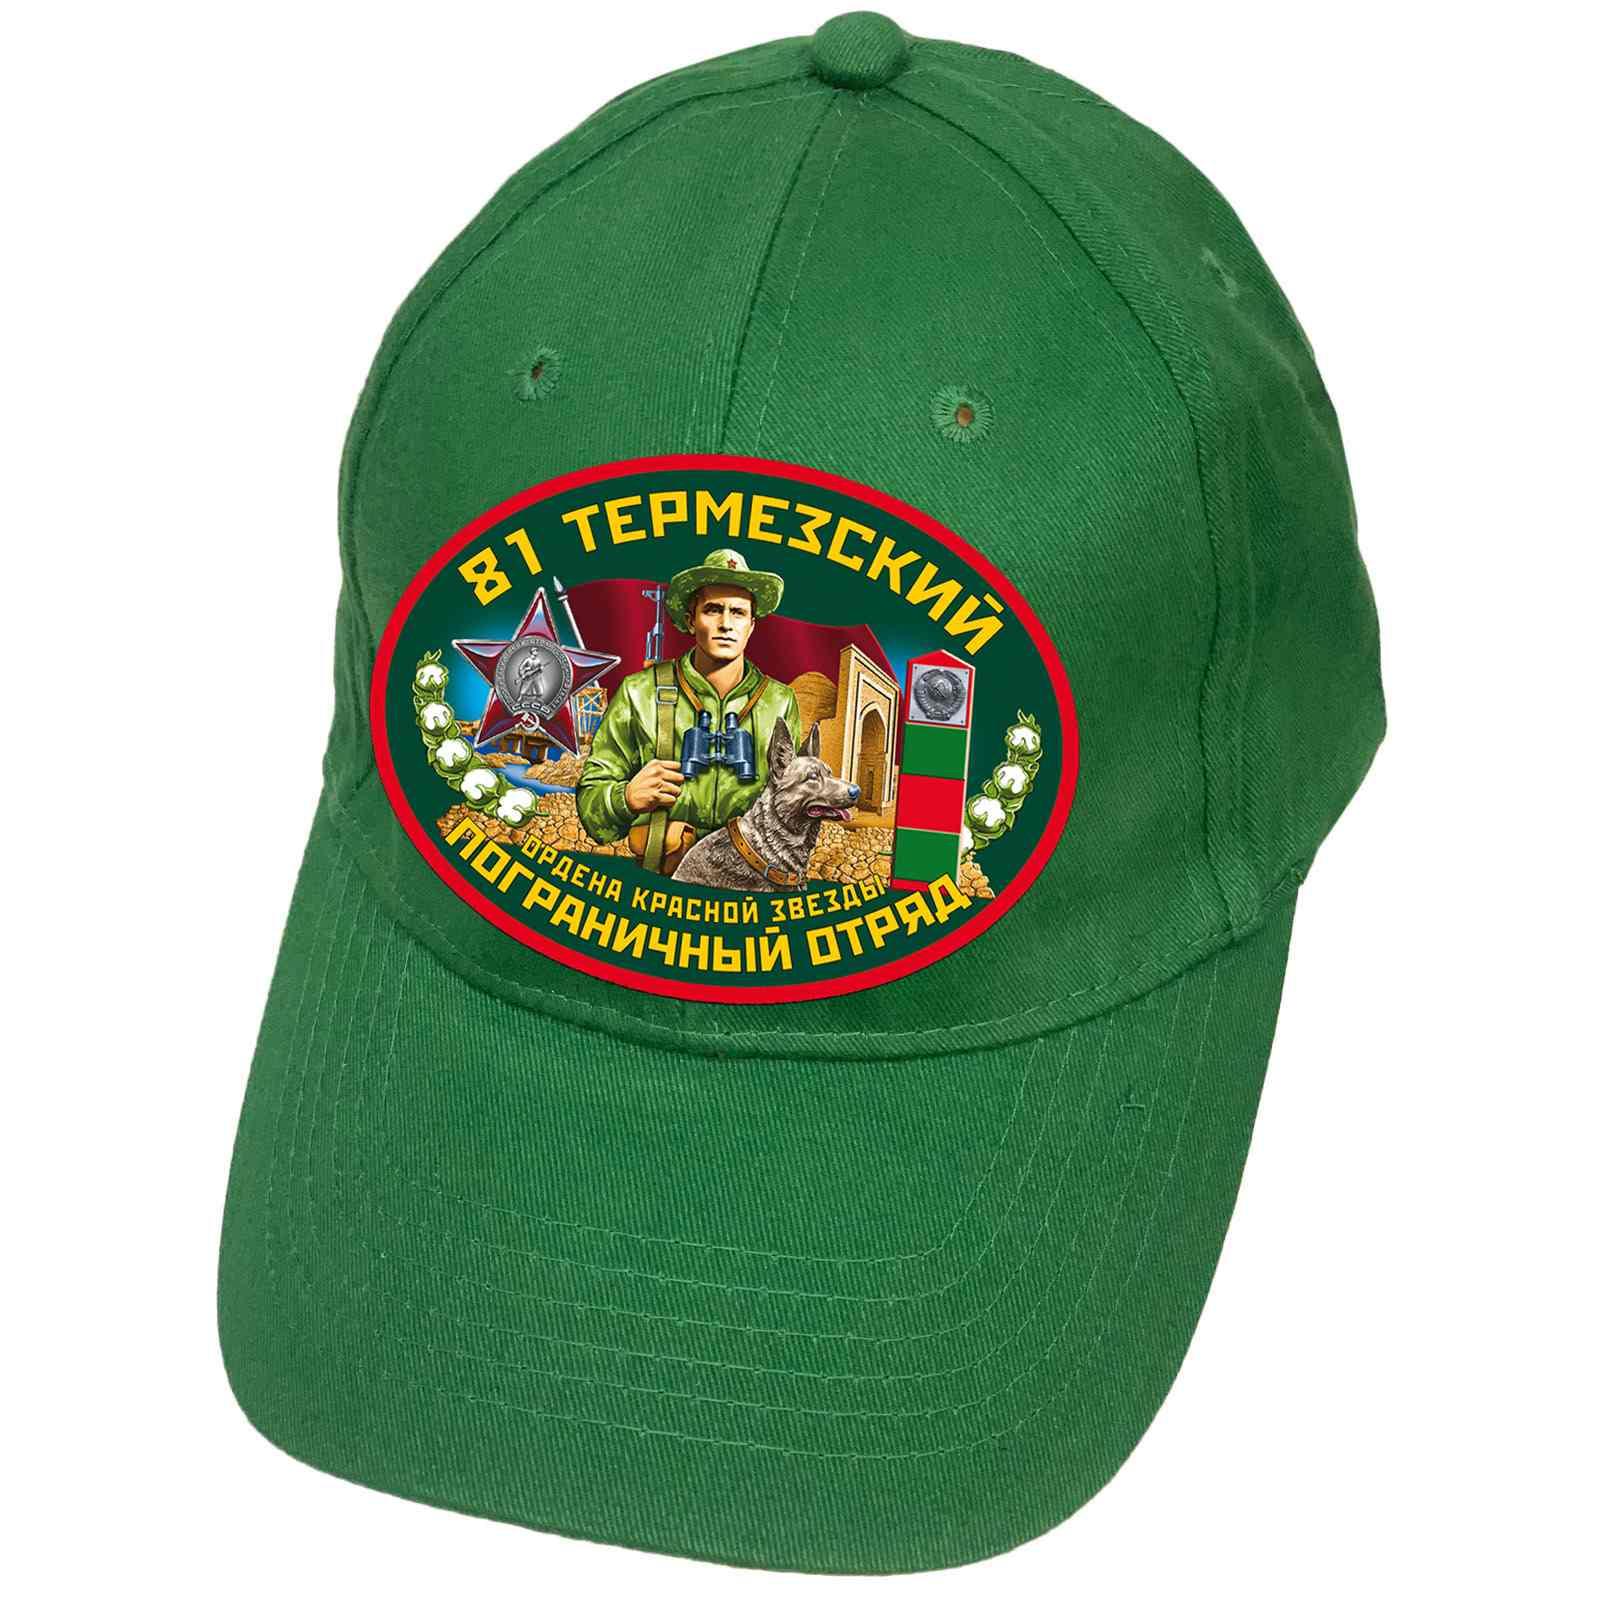 Бейсболка 81 Термезского пограничного отряда